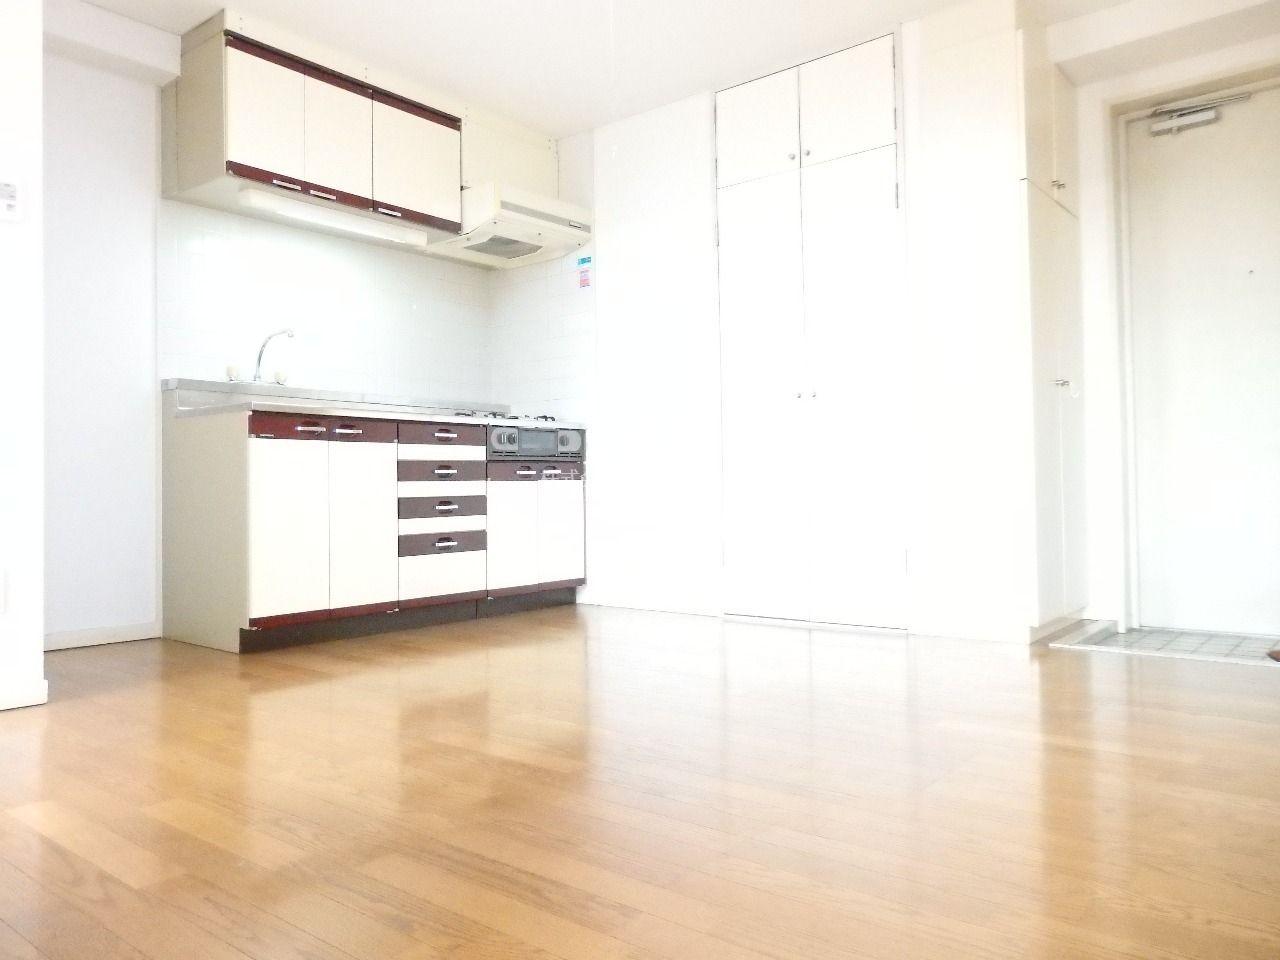 お部屋の広さを十分に活かせる配置のダイニングキッチン